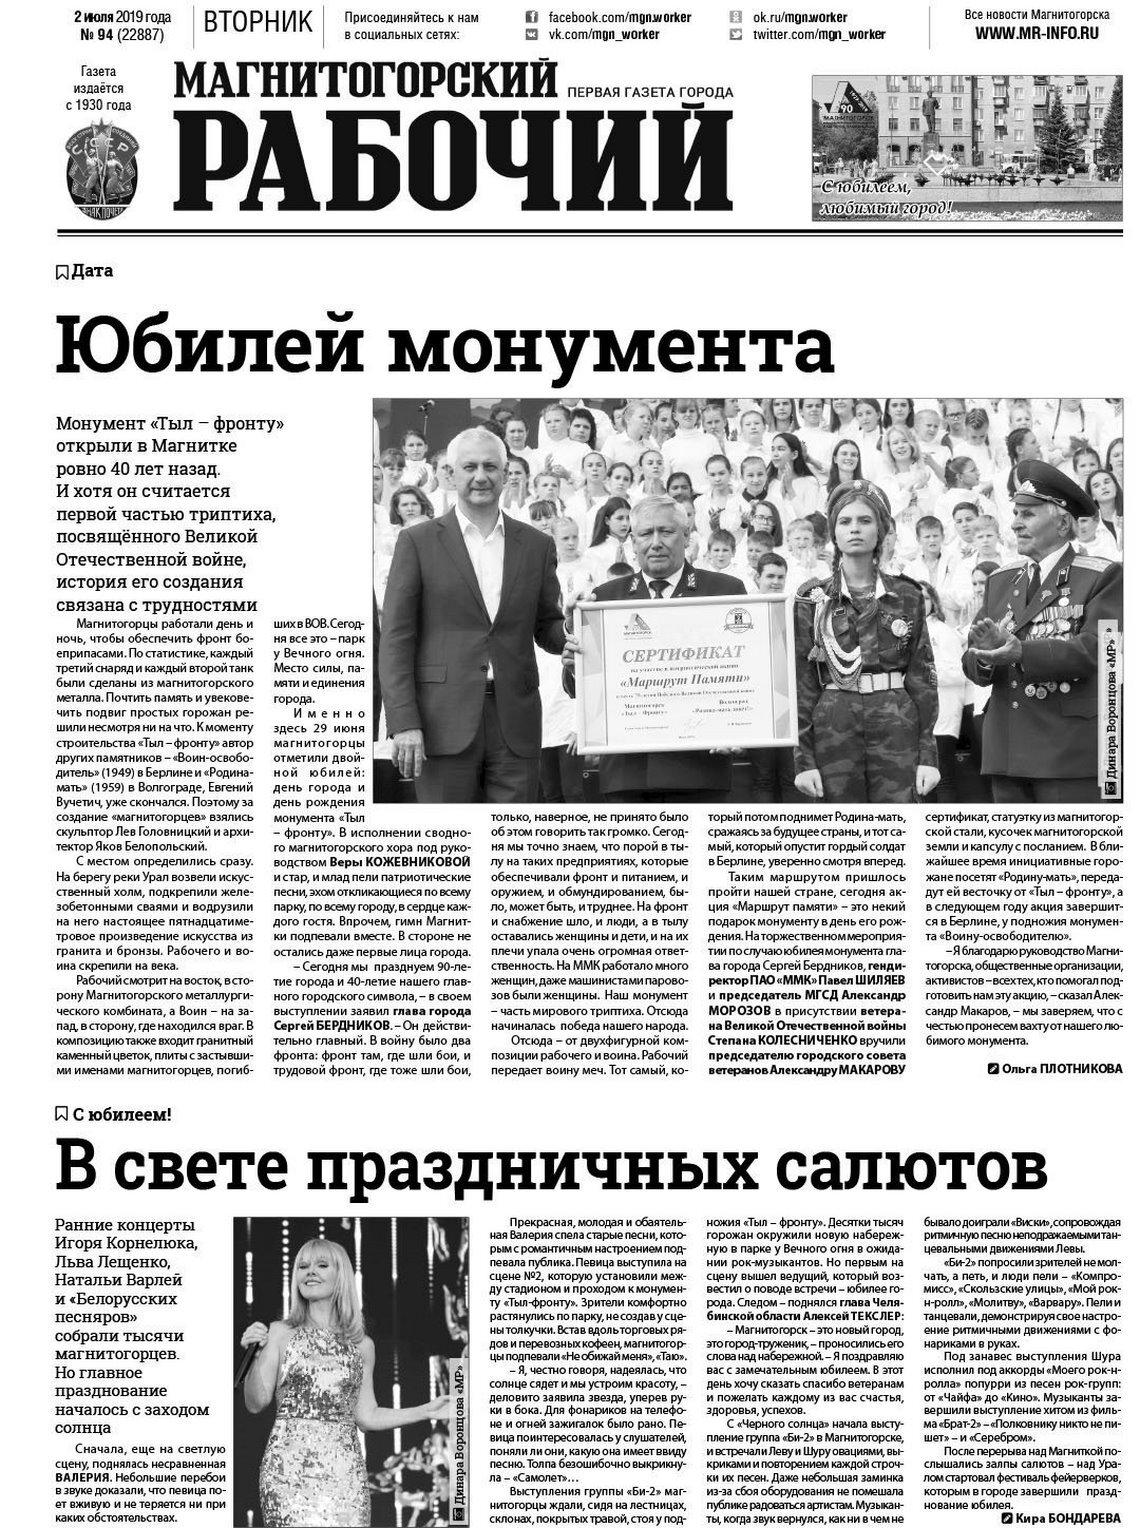 Читать онлайн газету работа магнитогорск форекс для новичков статьи